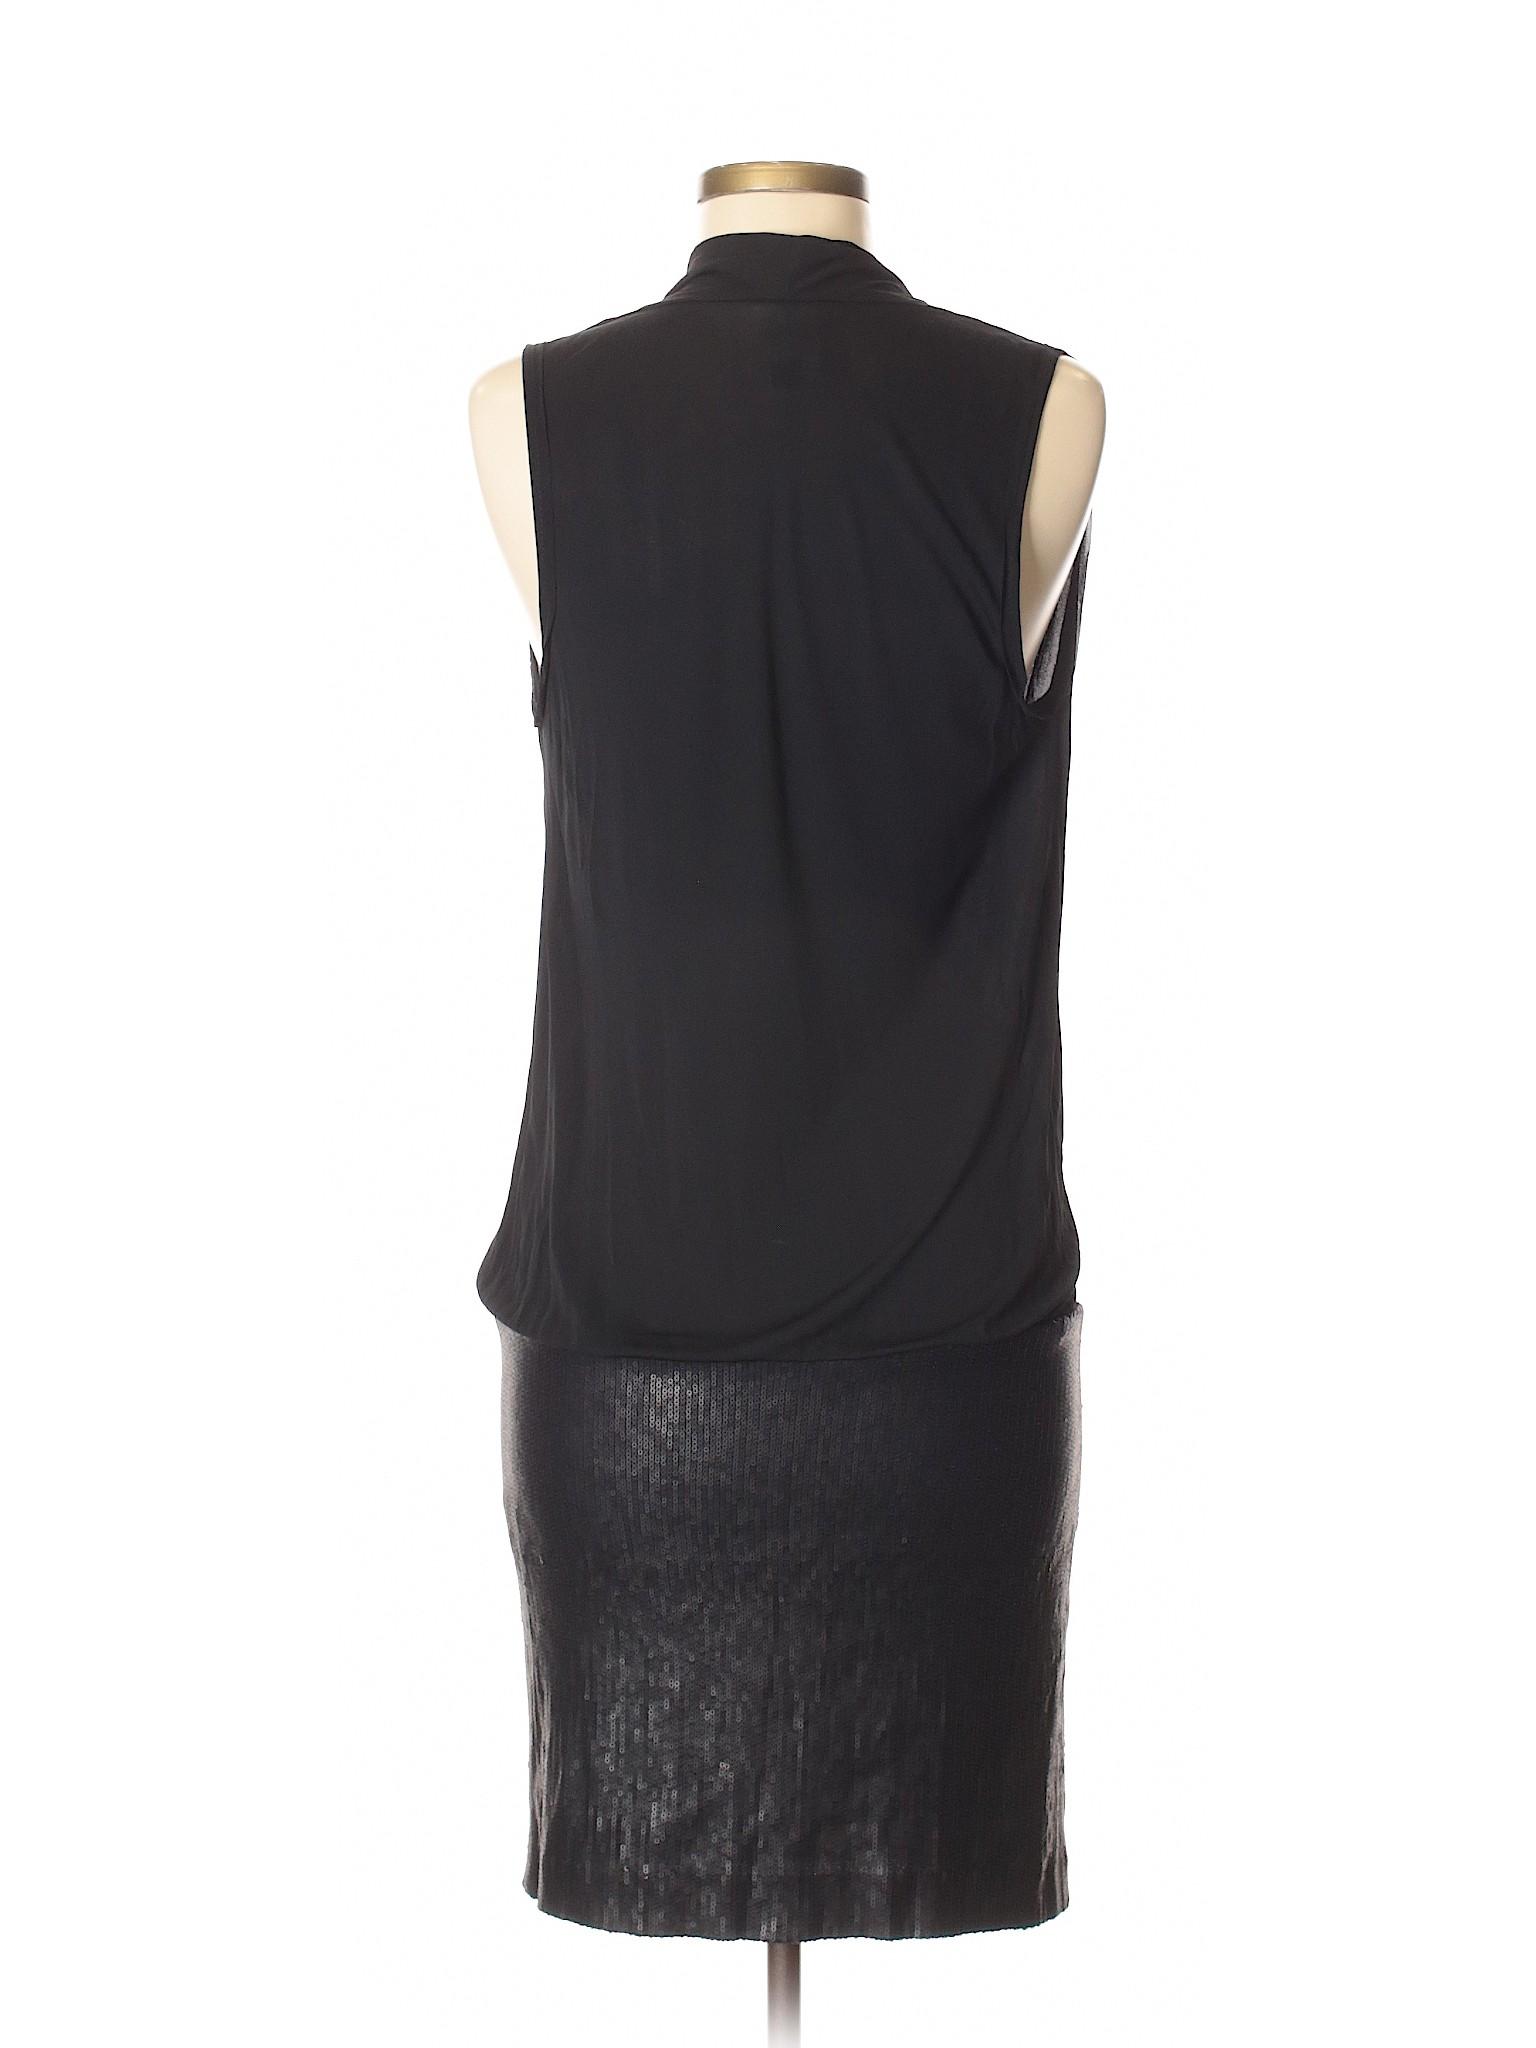 Nicole Dress Cocktail Miller winter Boutique T7fqa6fxw